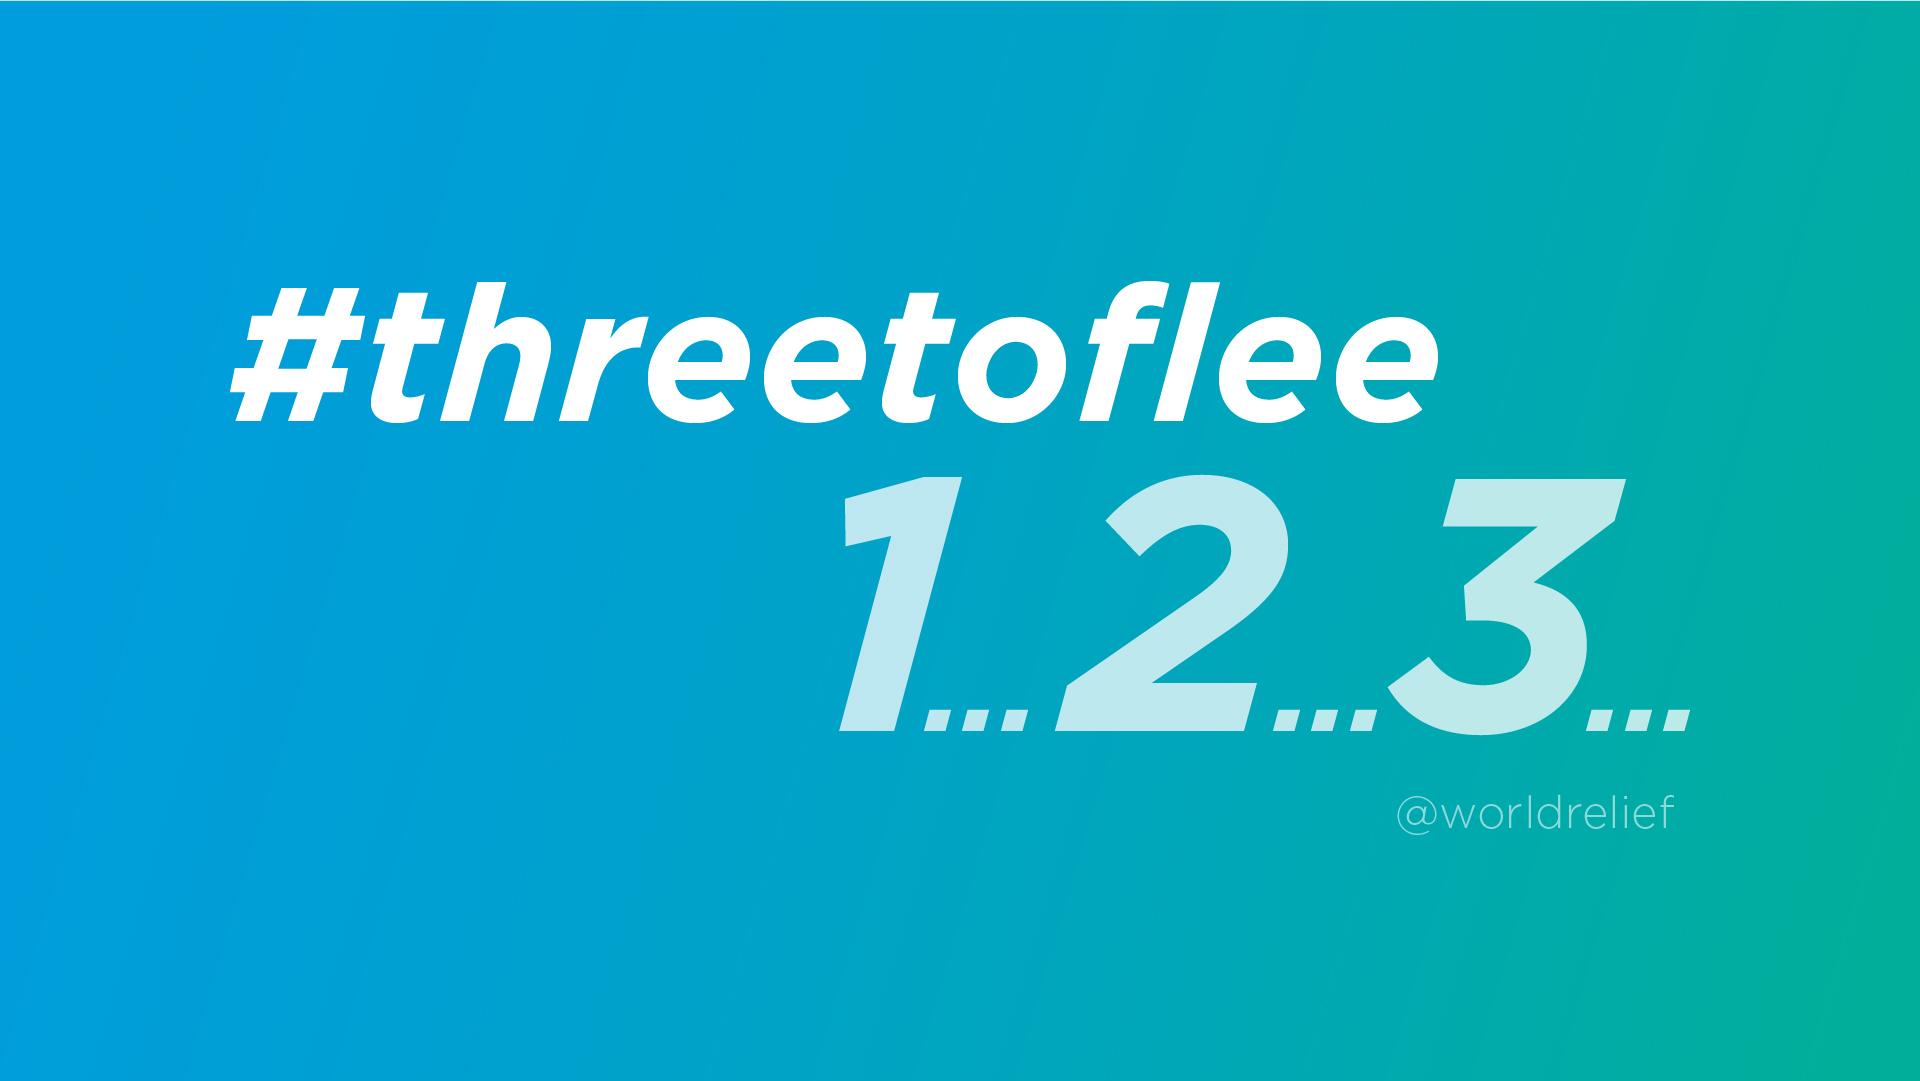 FB_threetoflee_worldrelief_BlueGreen.jpg